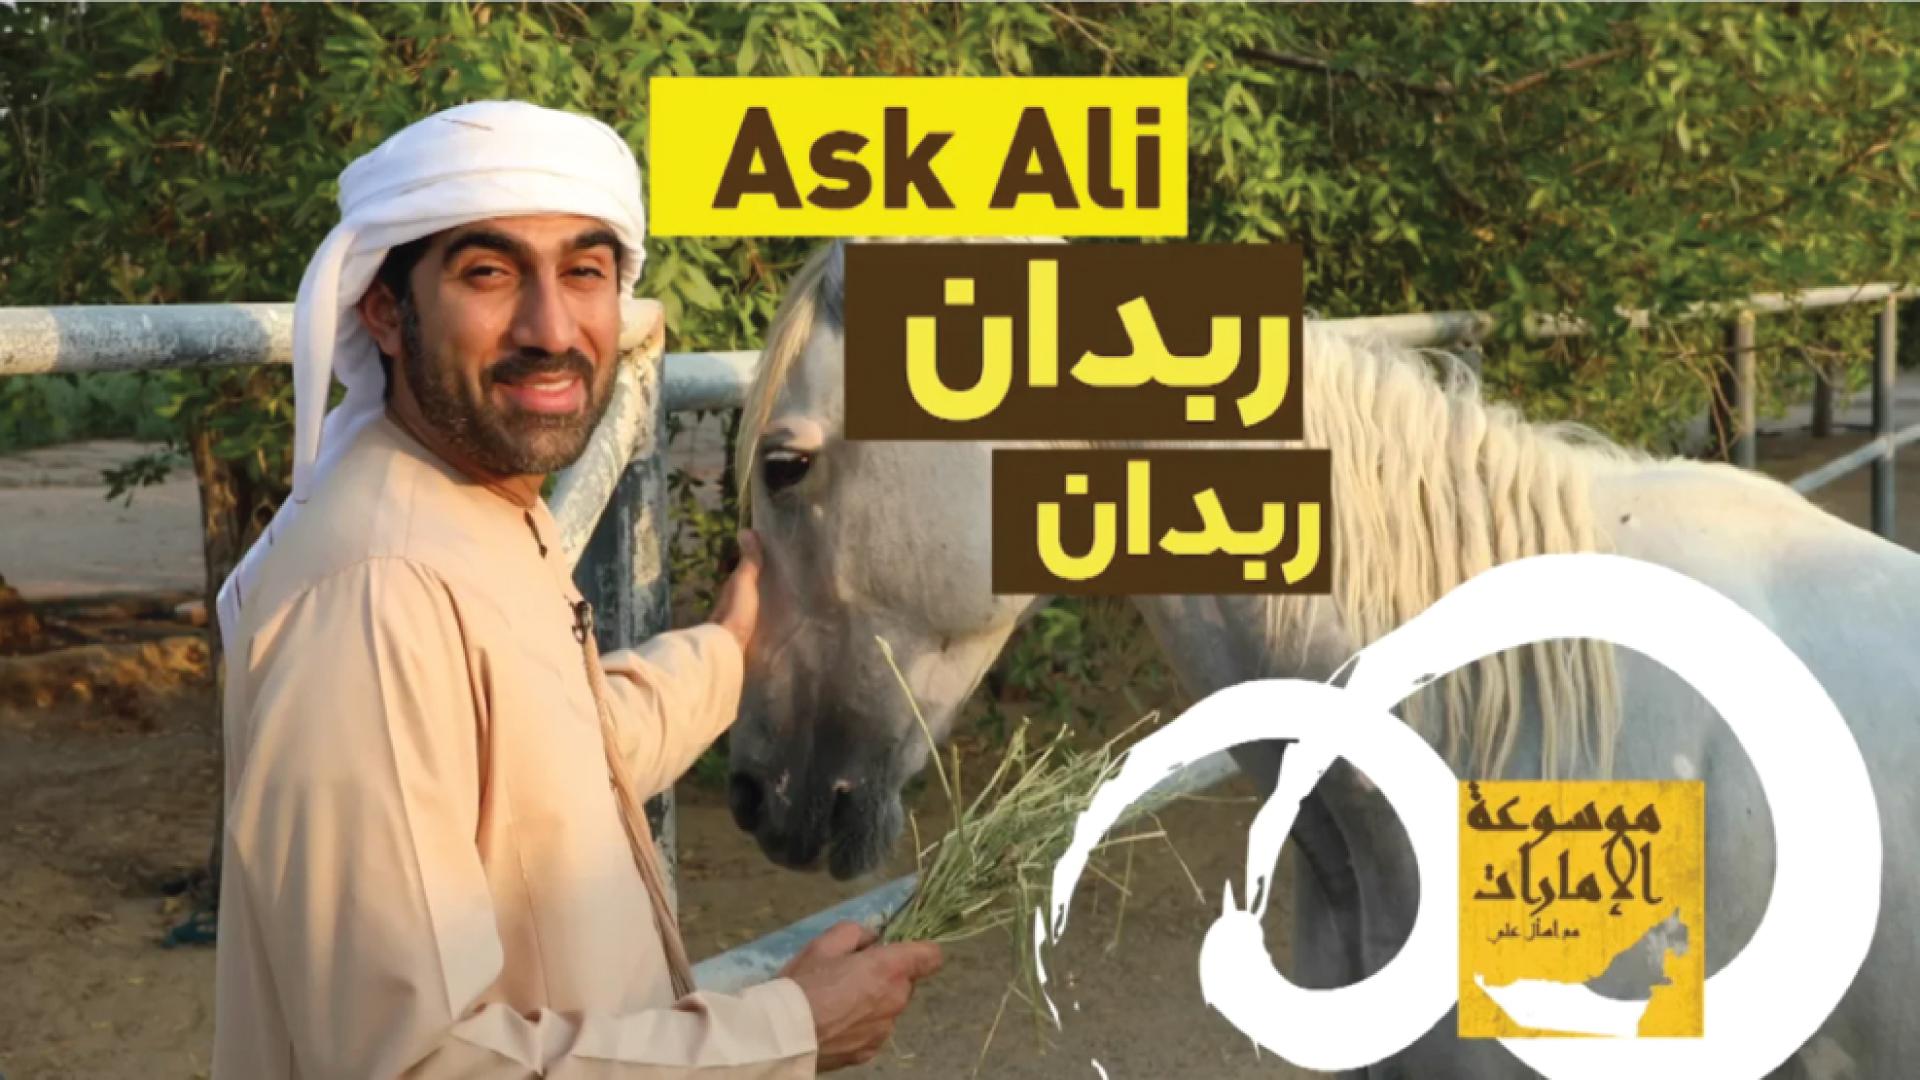 Ask Ali about Rabdan اسأل علي عن ربدان